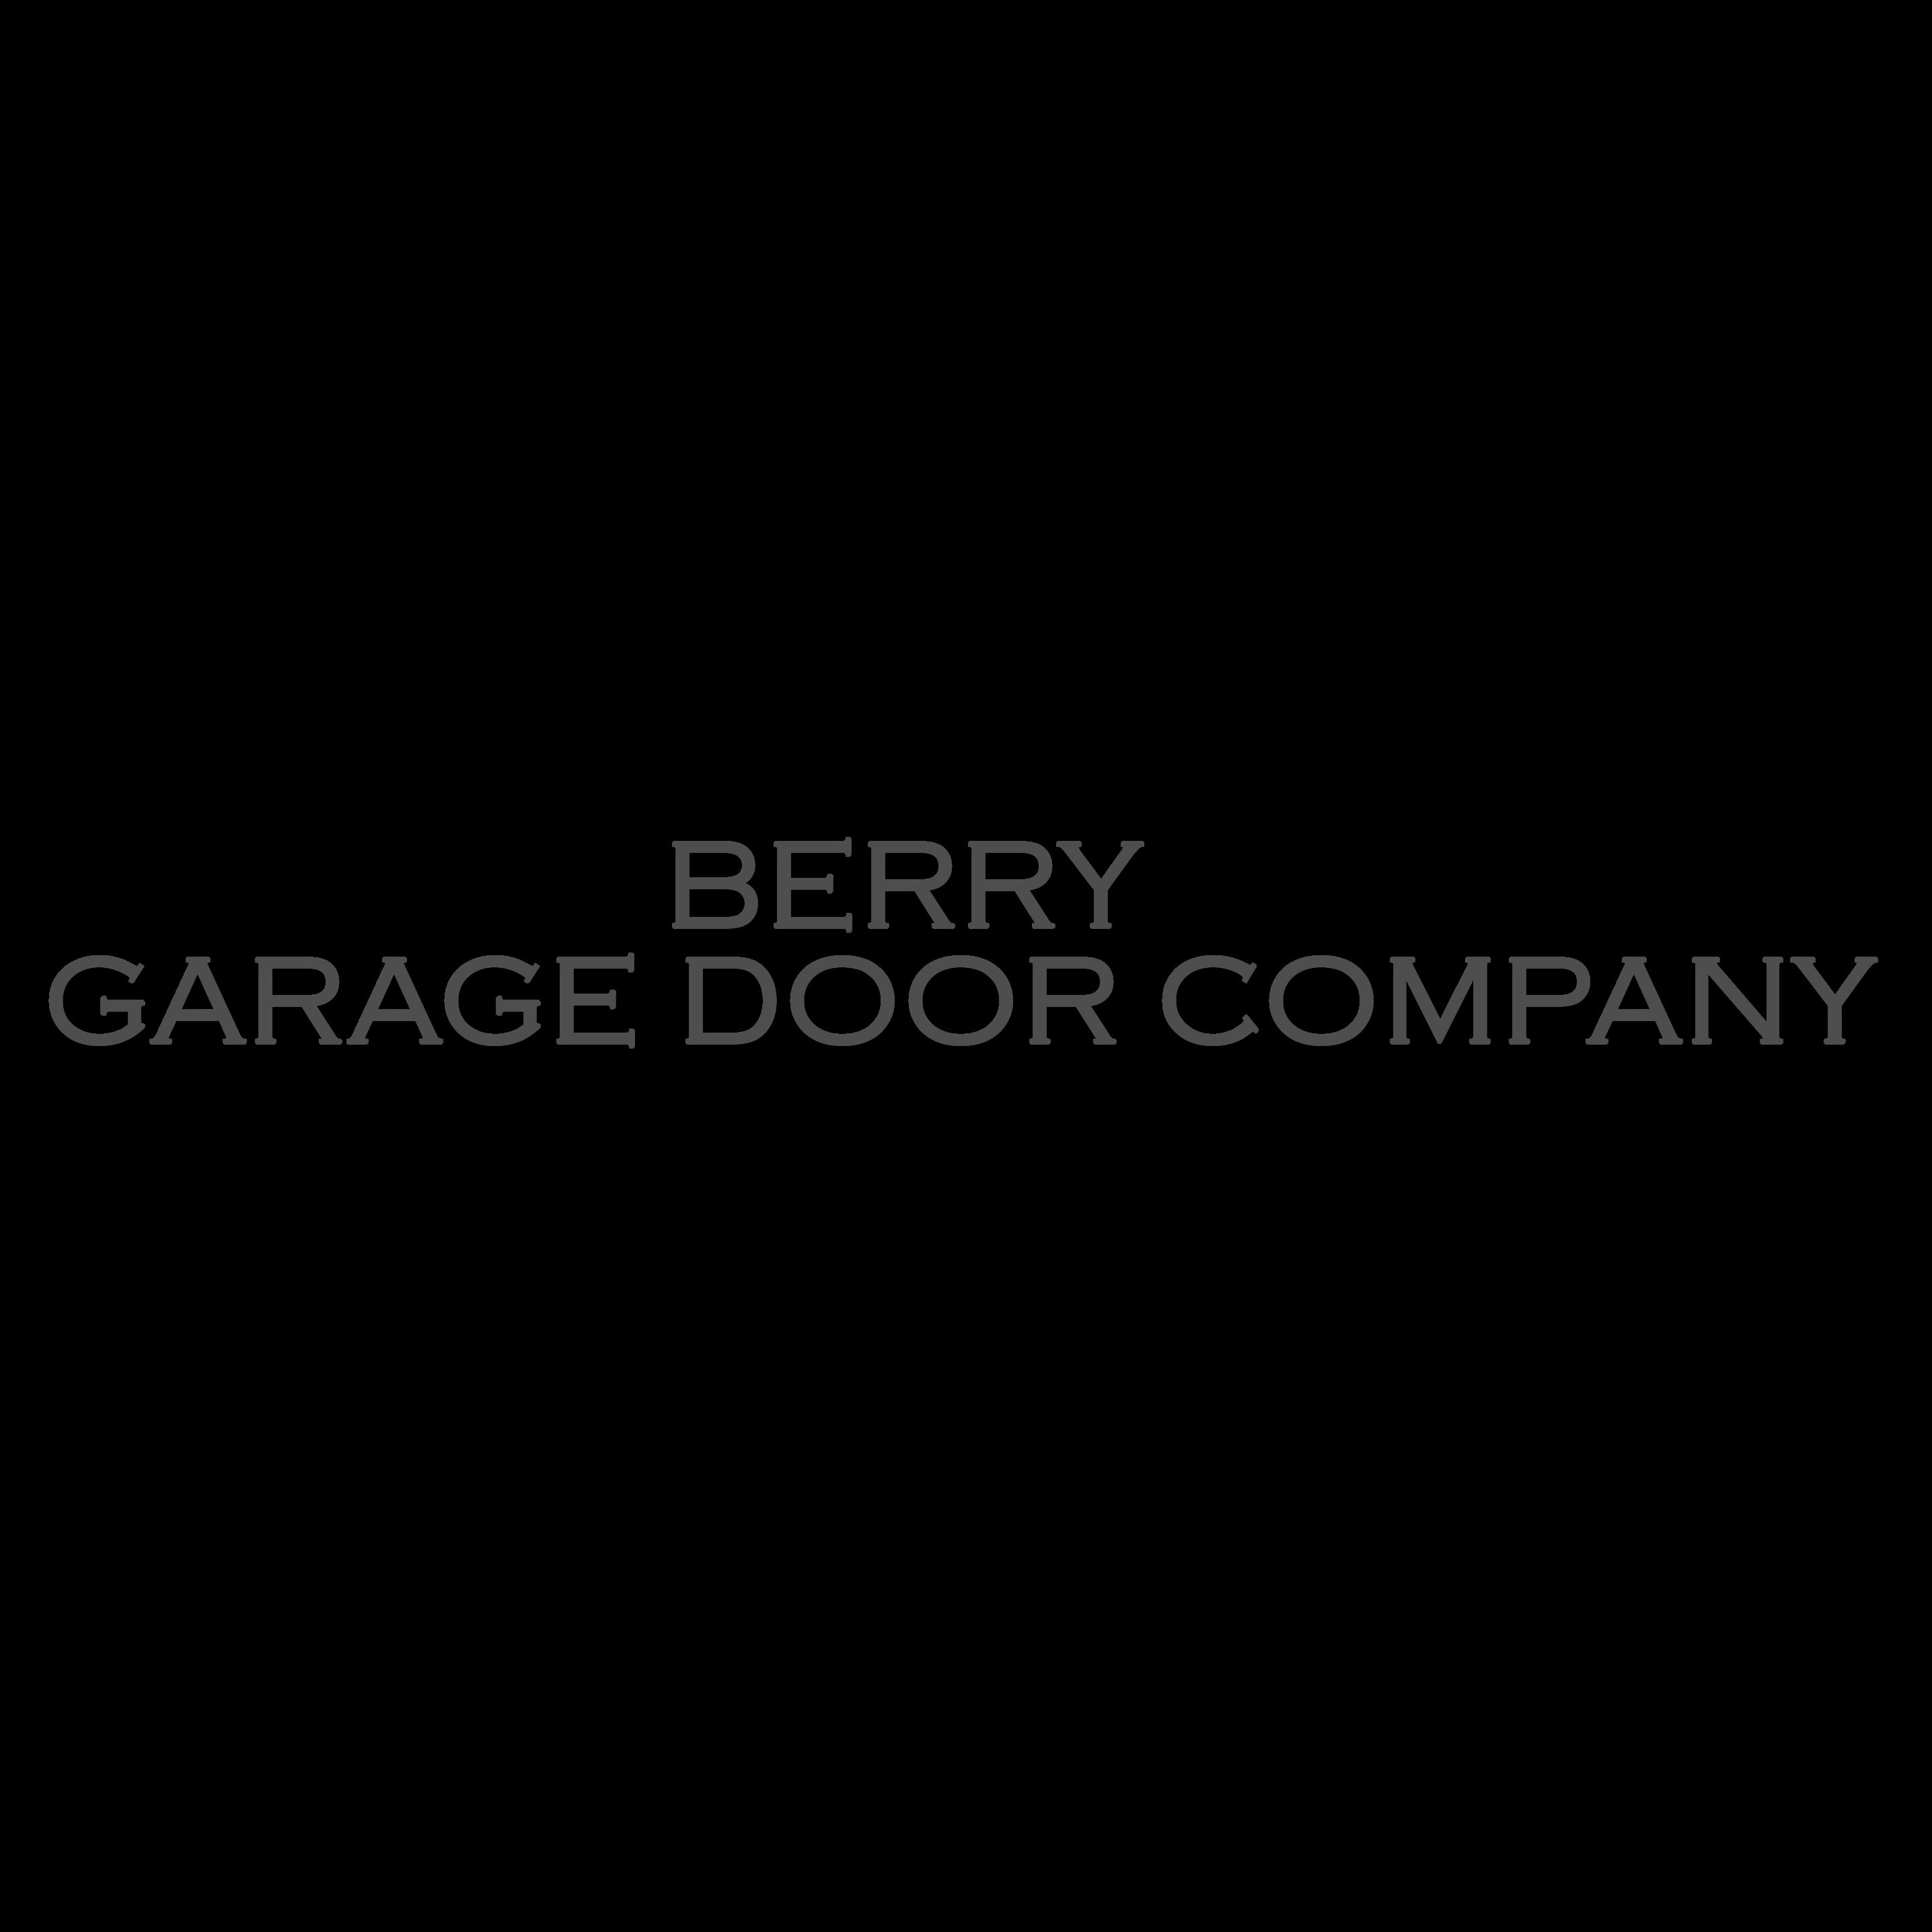 Berry Door Co image 2